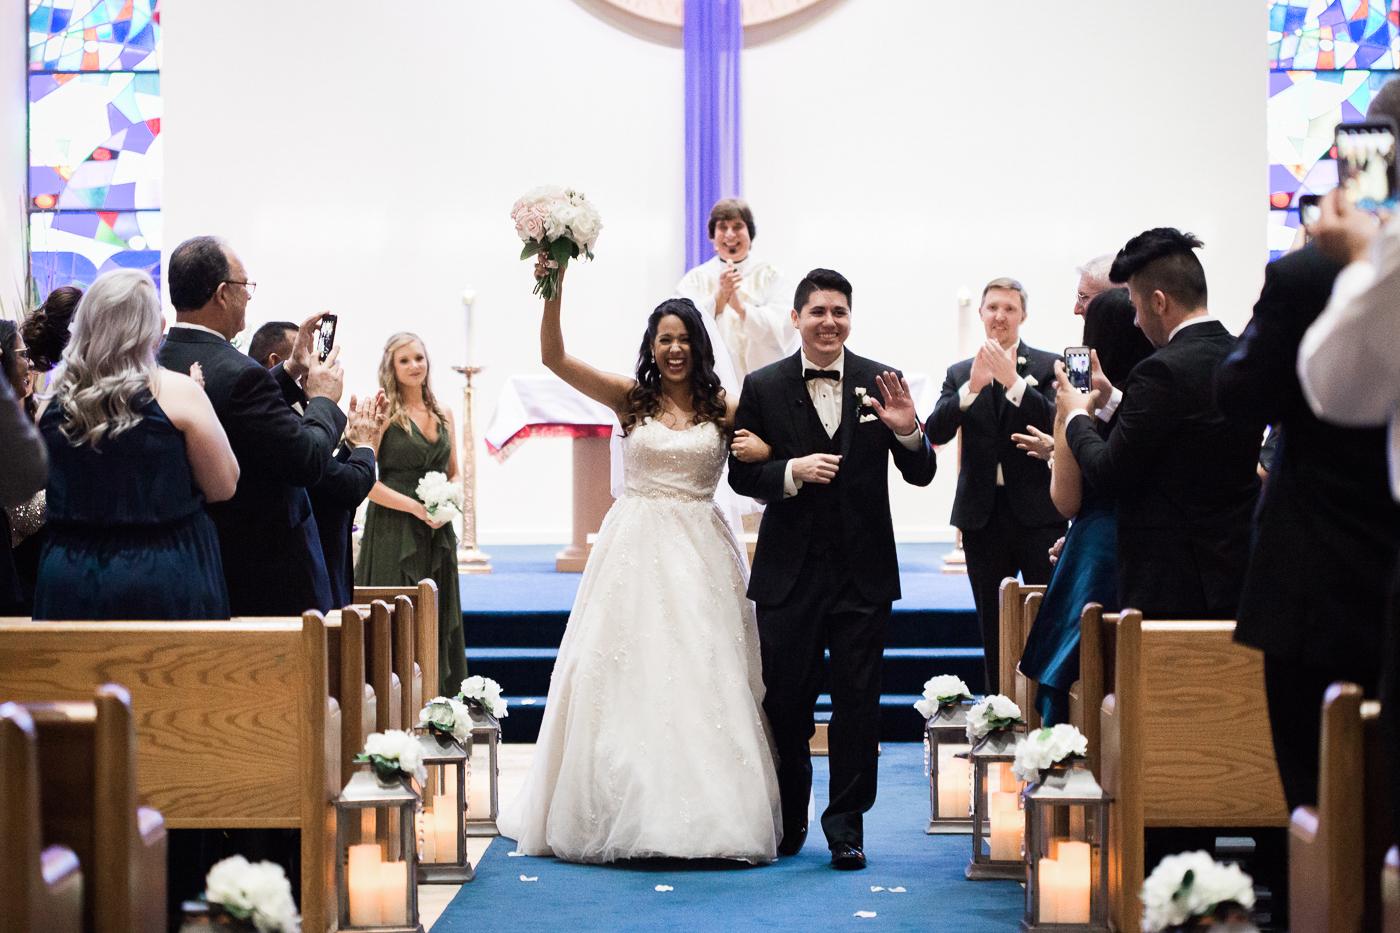 catholic wedding ceremony in lakeland-2.jpg